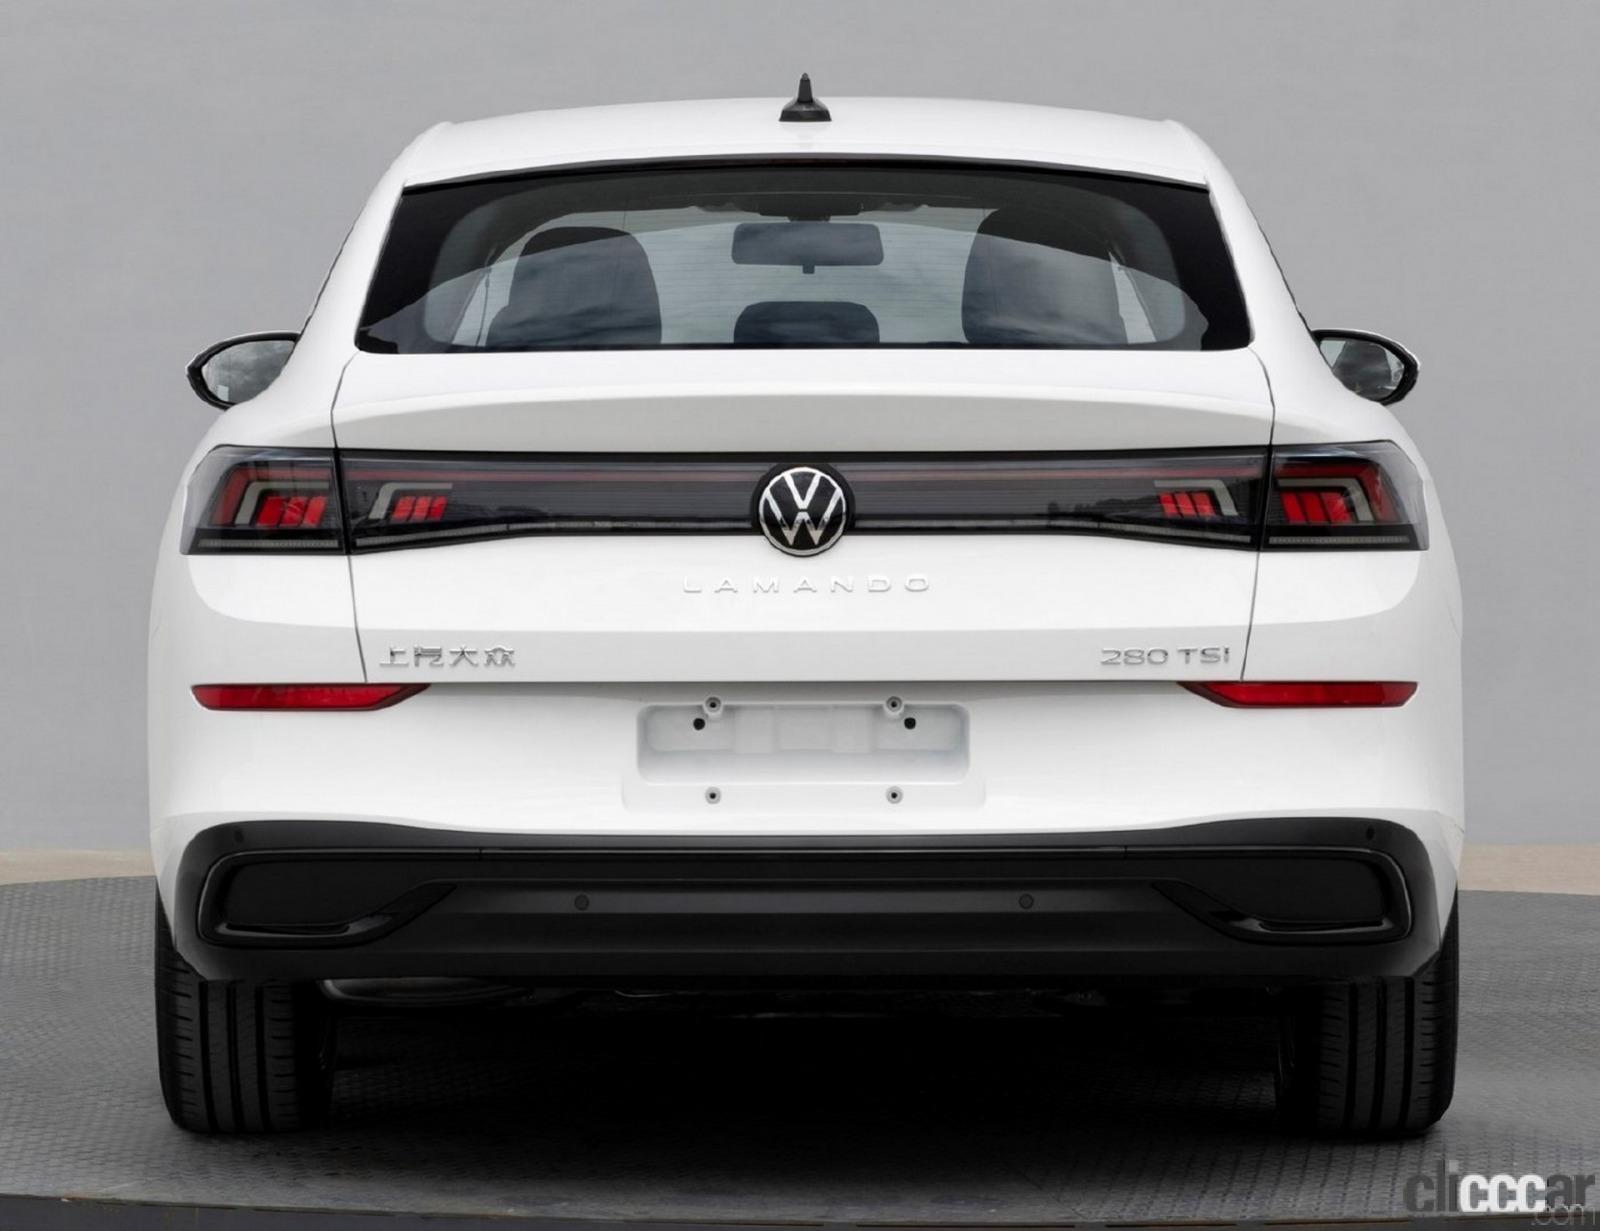 「VWゴルフの4ドアクーペ版「ラマンド」次期型は2021年内にデビュー予定」の3枚目の画像